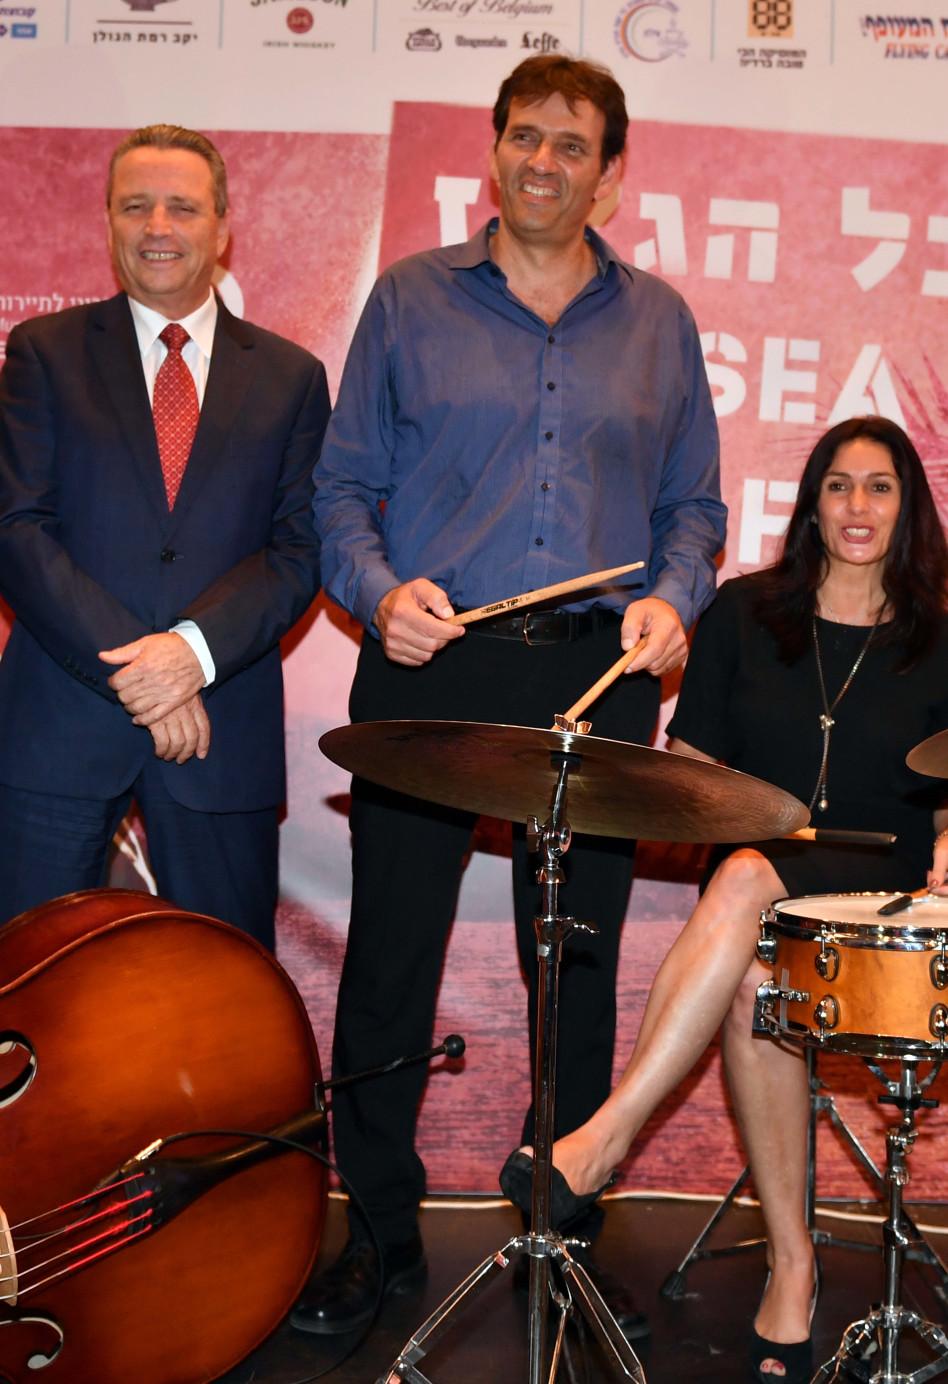 מירי רגב, אמיר הלוי וליאור מוצ'ניק (צילום: יוד צילומים אילת)